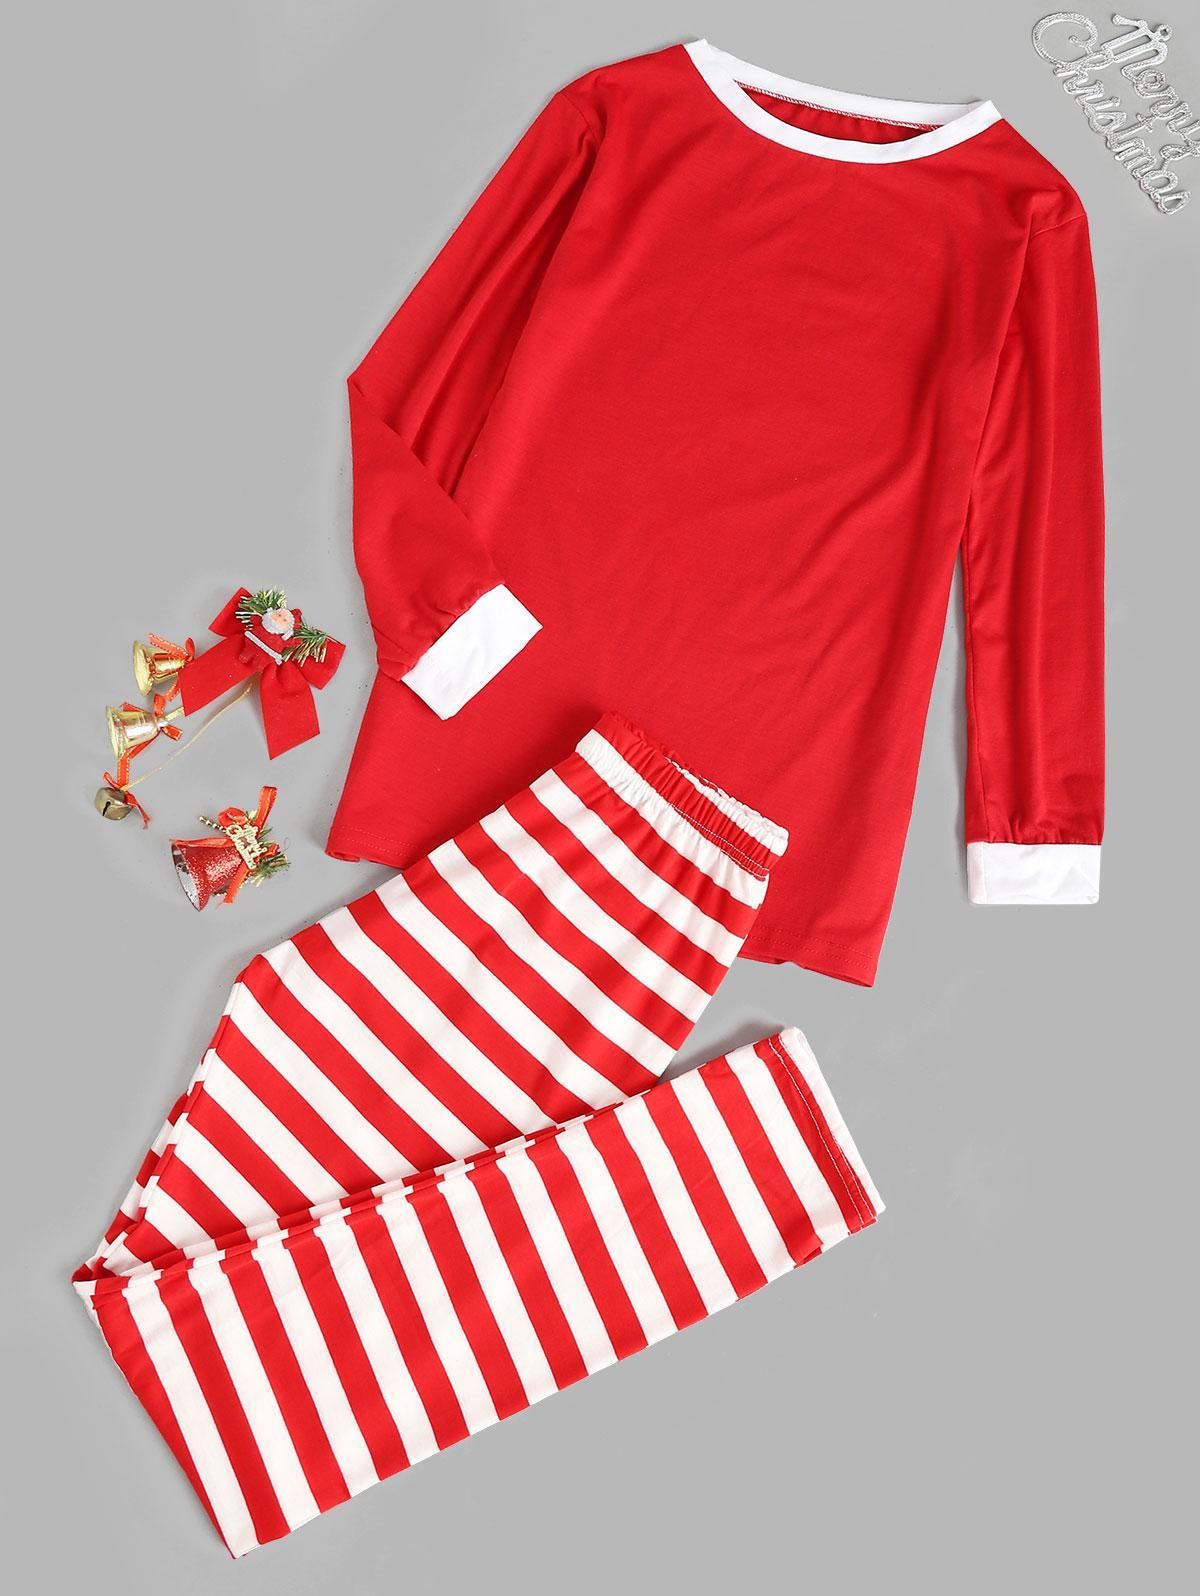 Contrast Stripes Comfy Christmas Pajama Set